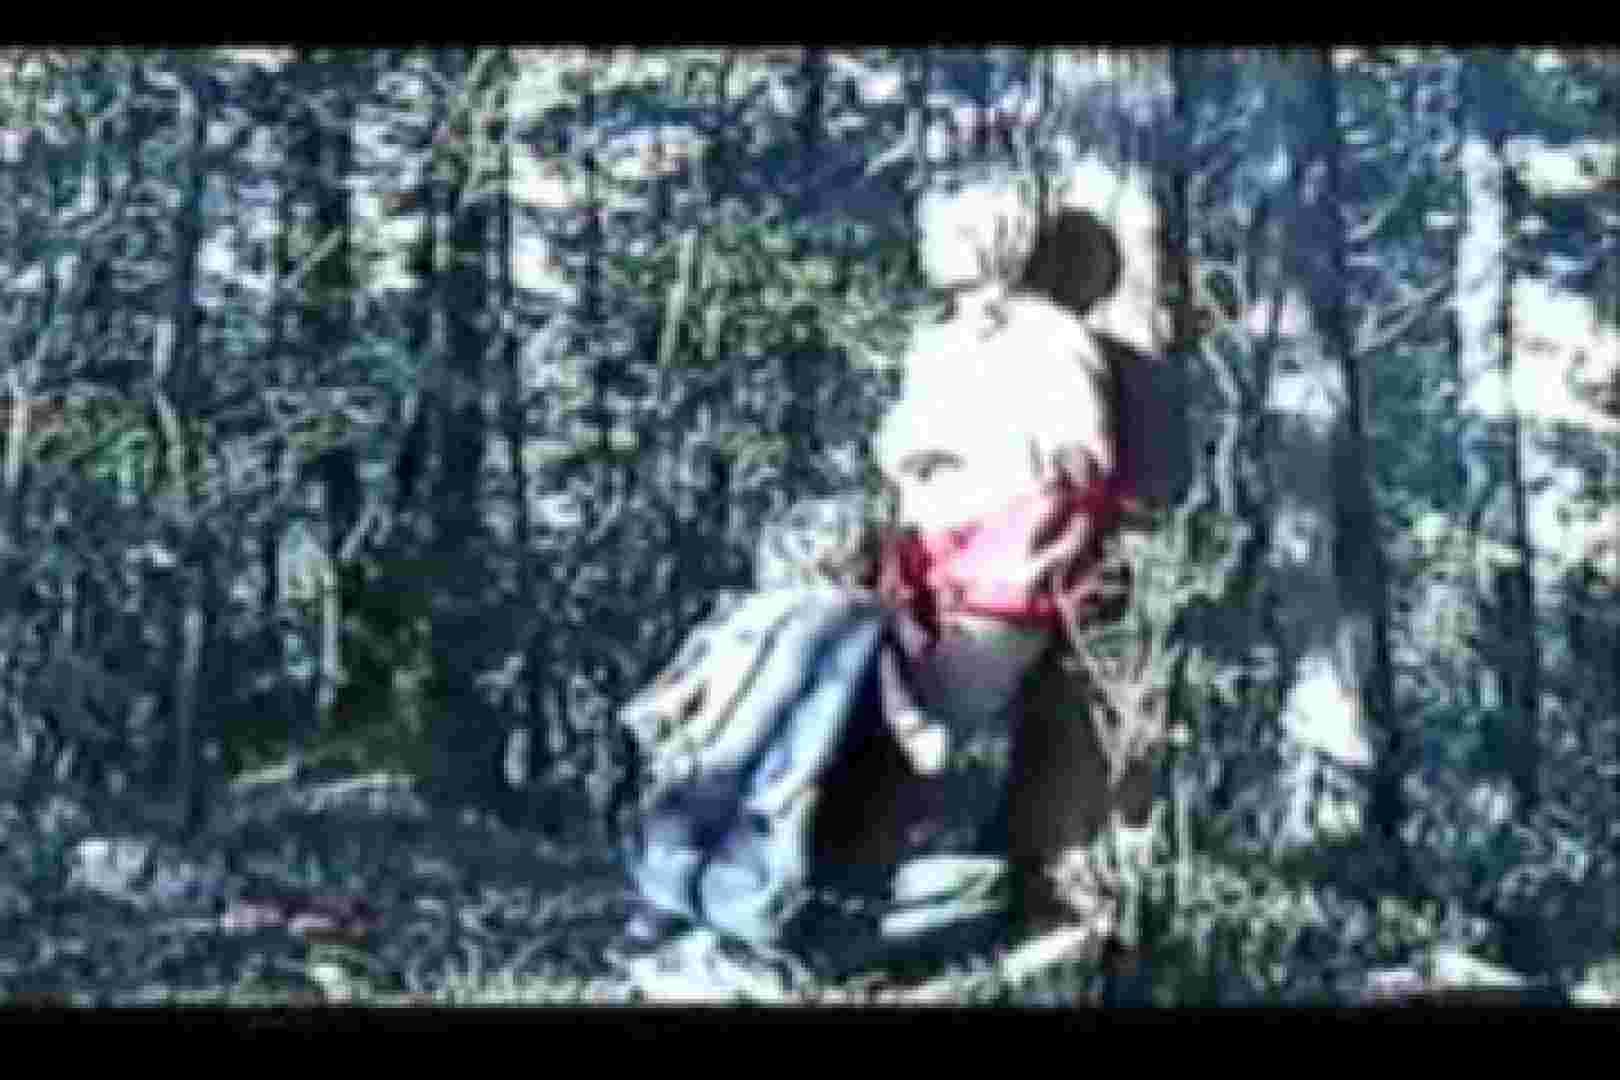 オールドゲイシリーズ  美少年ひかるのオープンファック イケメン  106pic 105